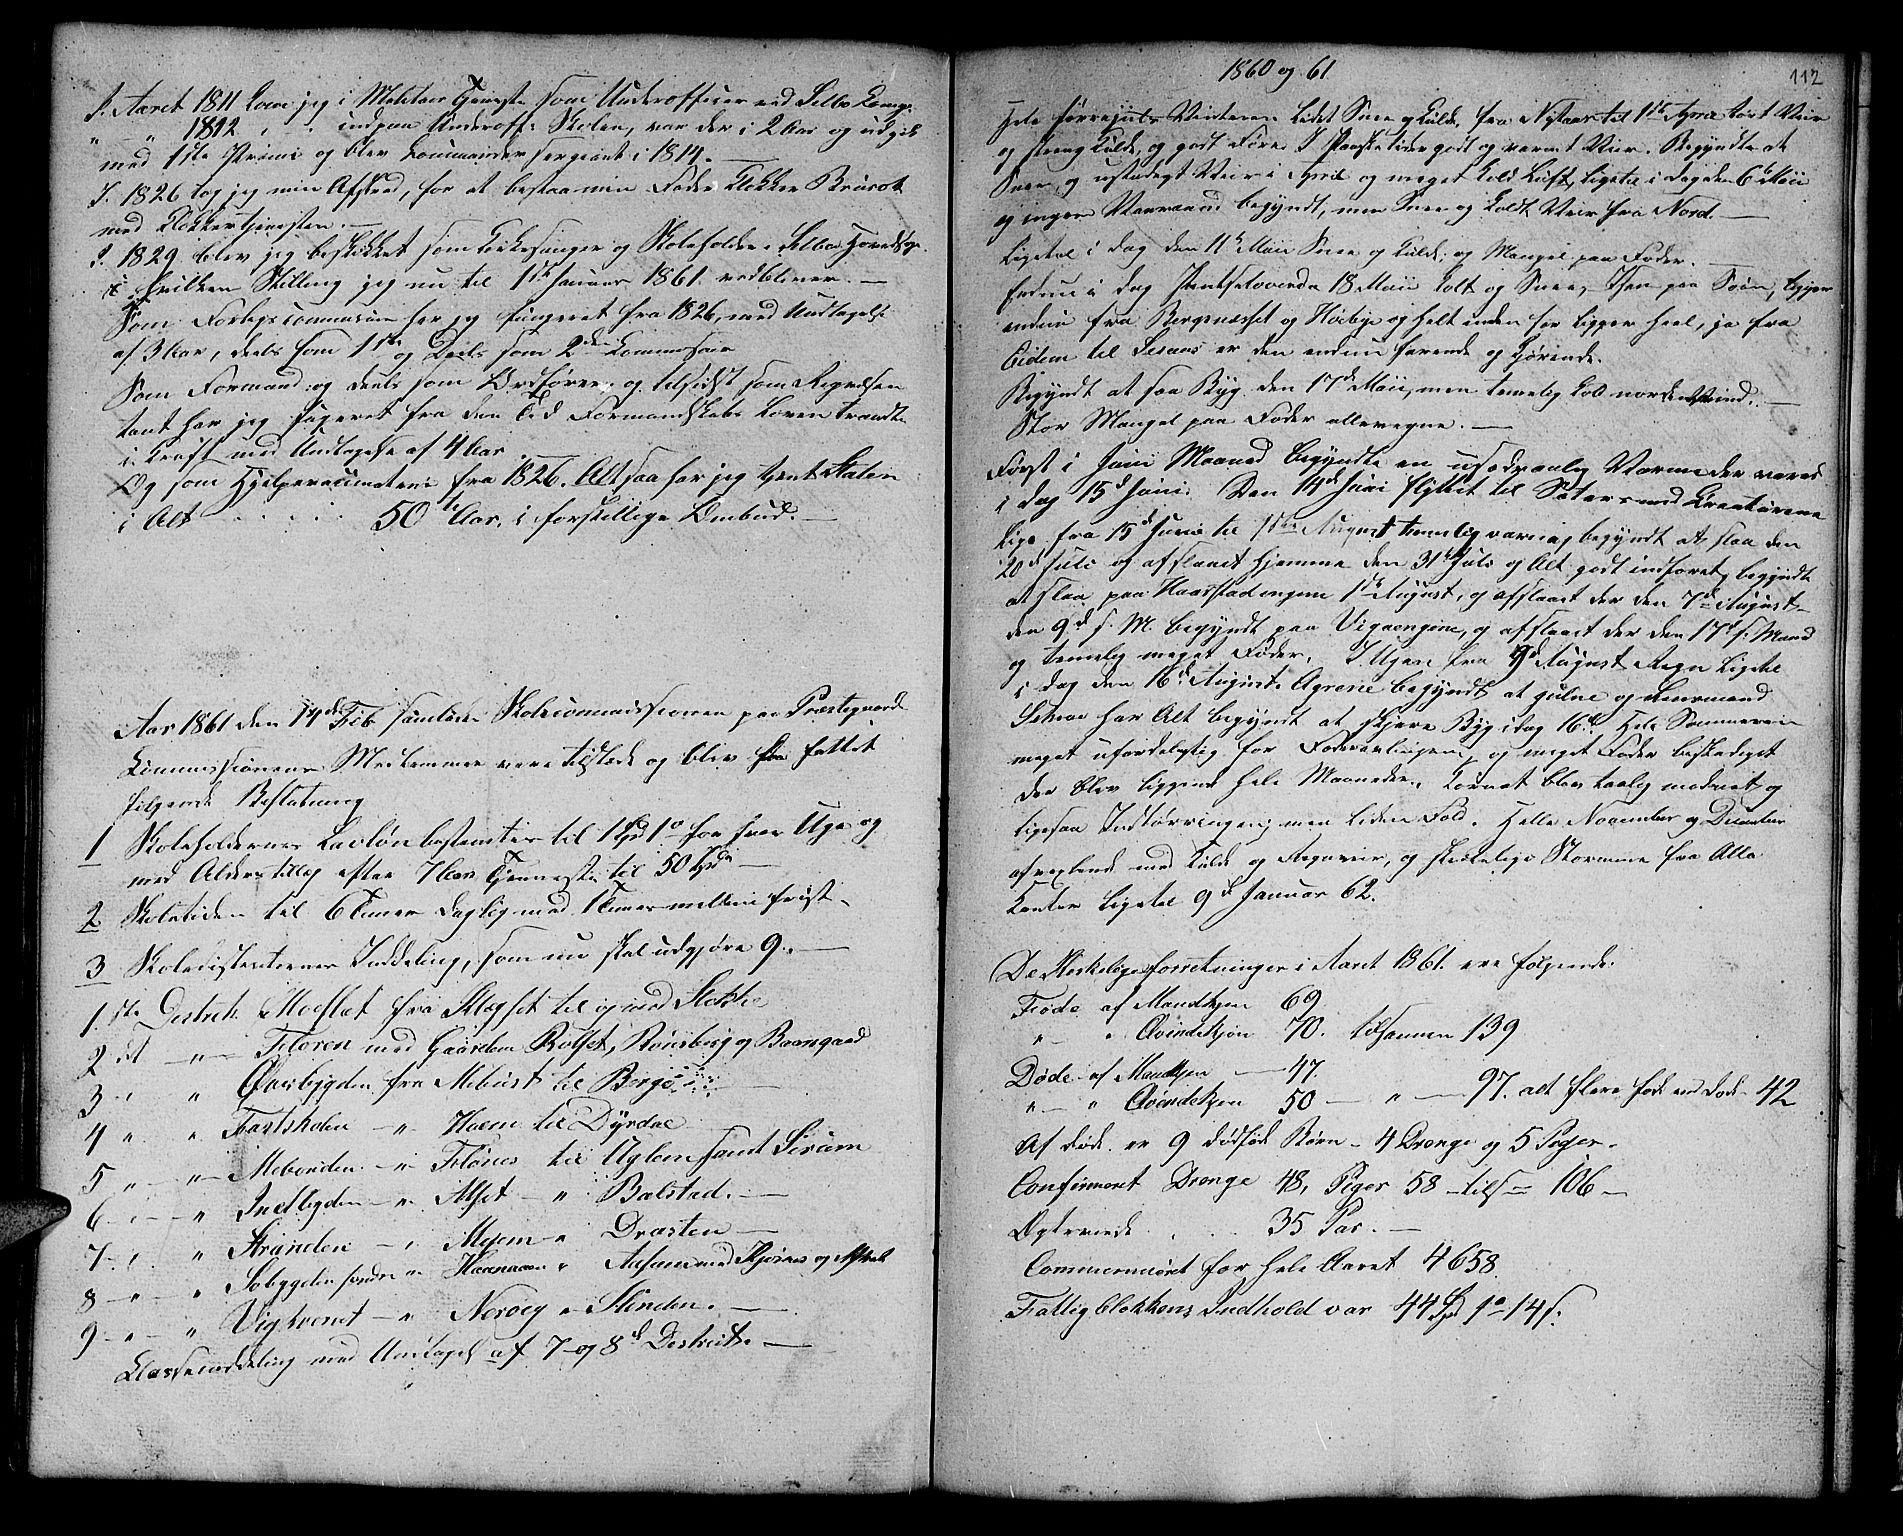 SAT, Ministerialprotokoller, klokkerbøker og fødselsregistre - Sør-Trøndelag, 695/L1154: Klokkerbok nr. 695C05, 1842-1858, s. 112